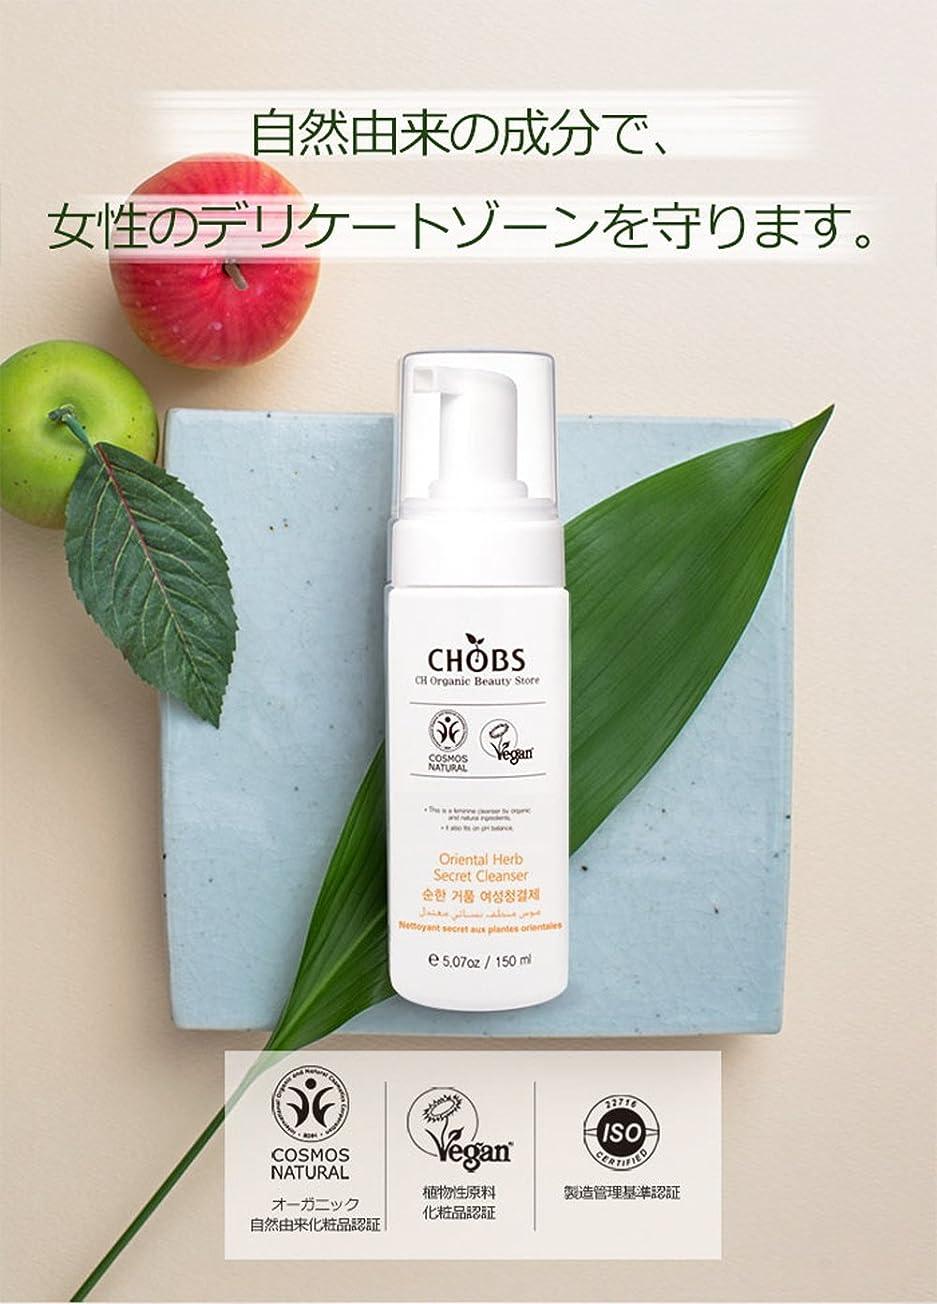 不毛びっくりした正しいオーガニック清潔ケアクレンザー 天然化粧品 韓国コスメ 低刺激